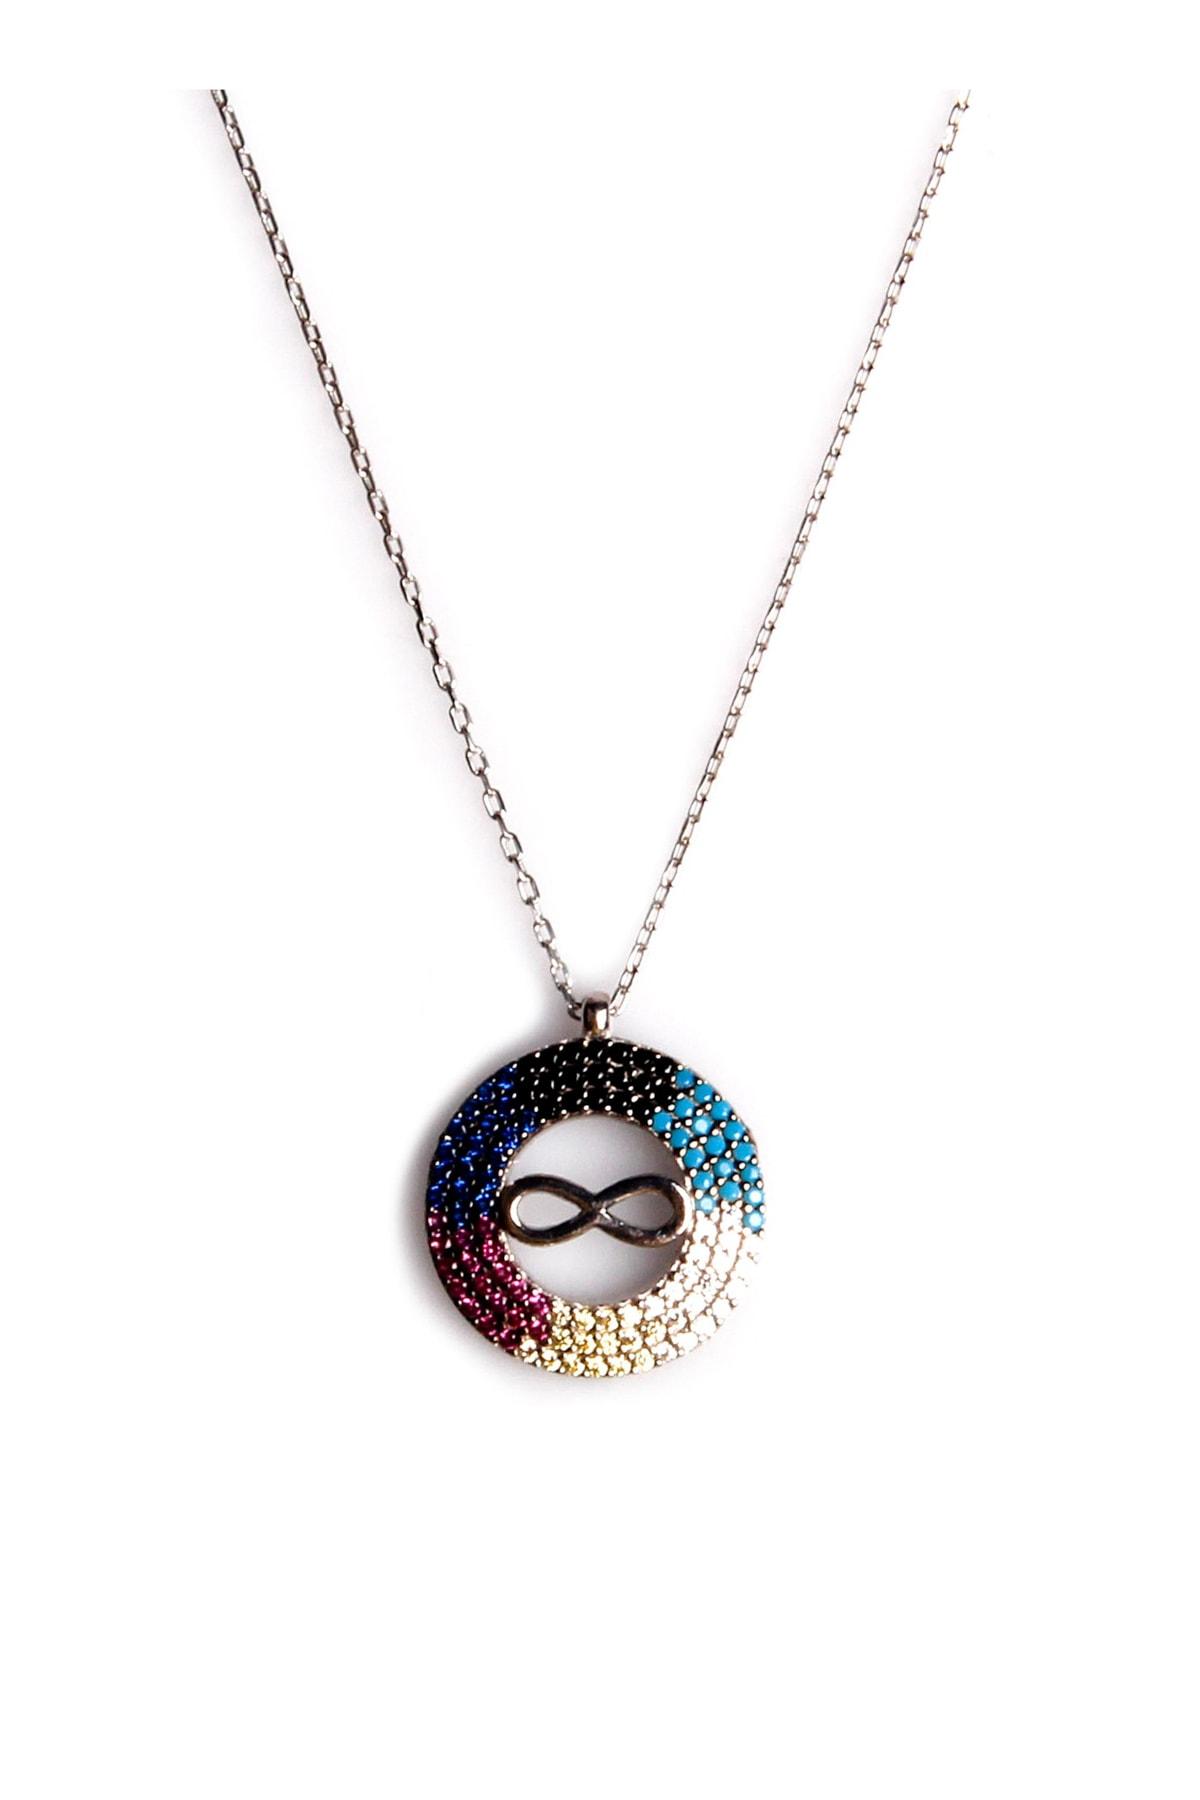 Sahra Renkli Zirkon Süslemeli Sonsuzluk Tasarım 925 Ayar Gümüş Kolye KLY-0066-32 1